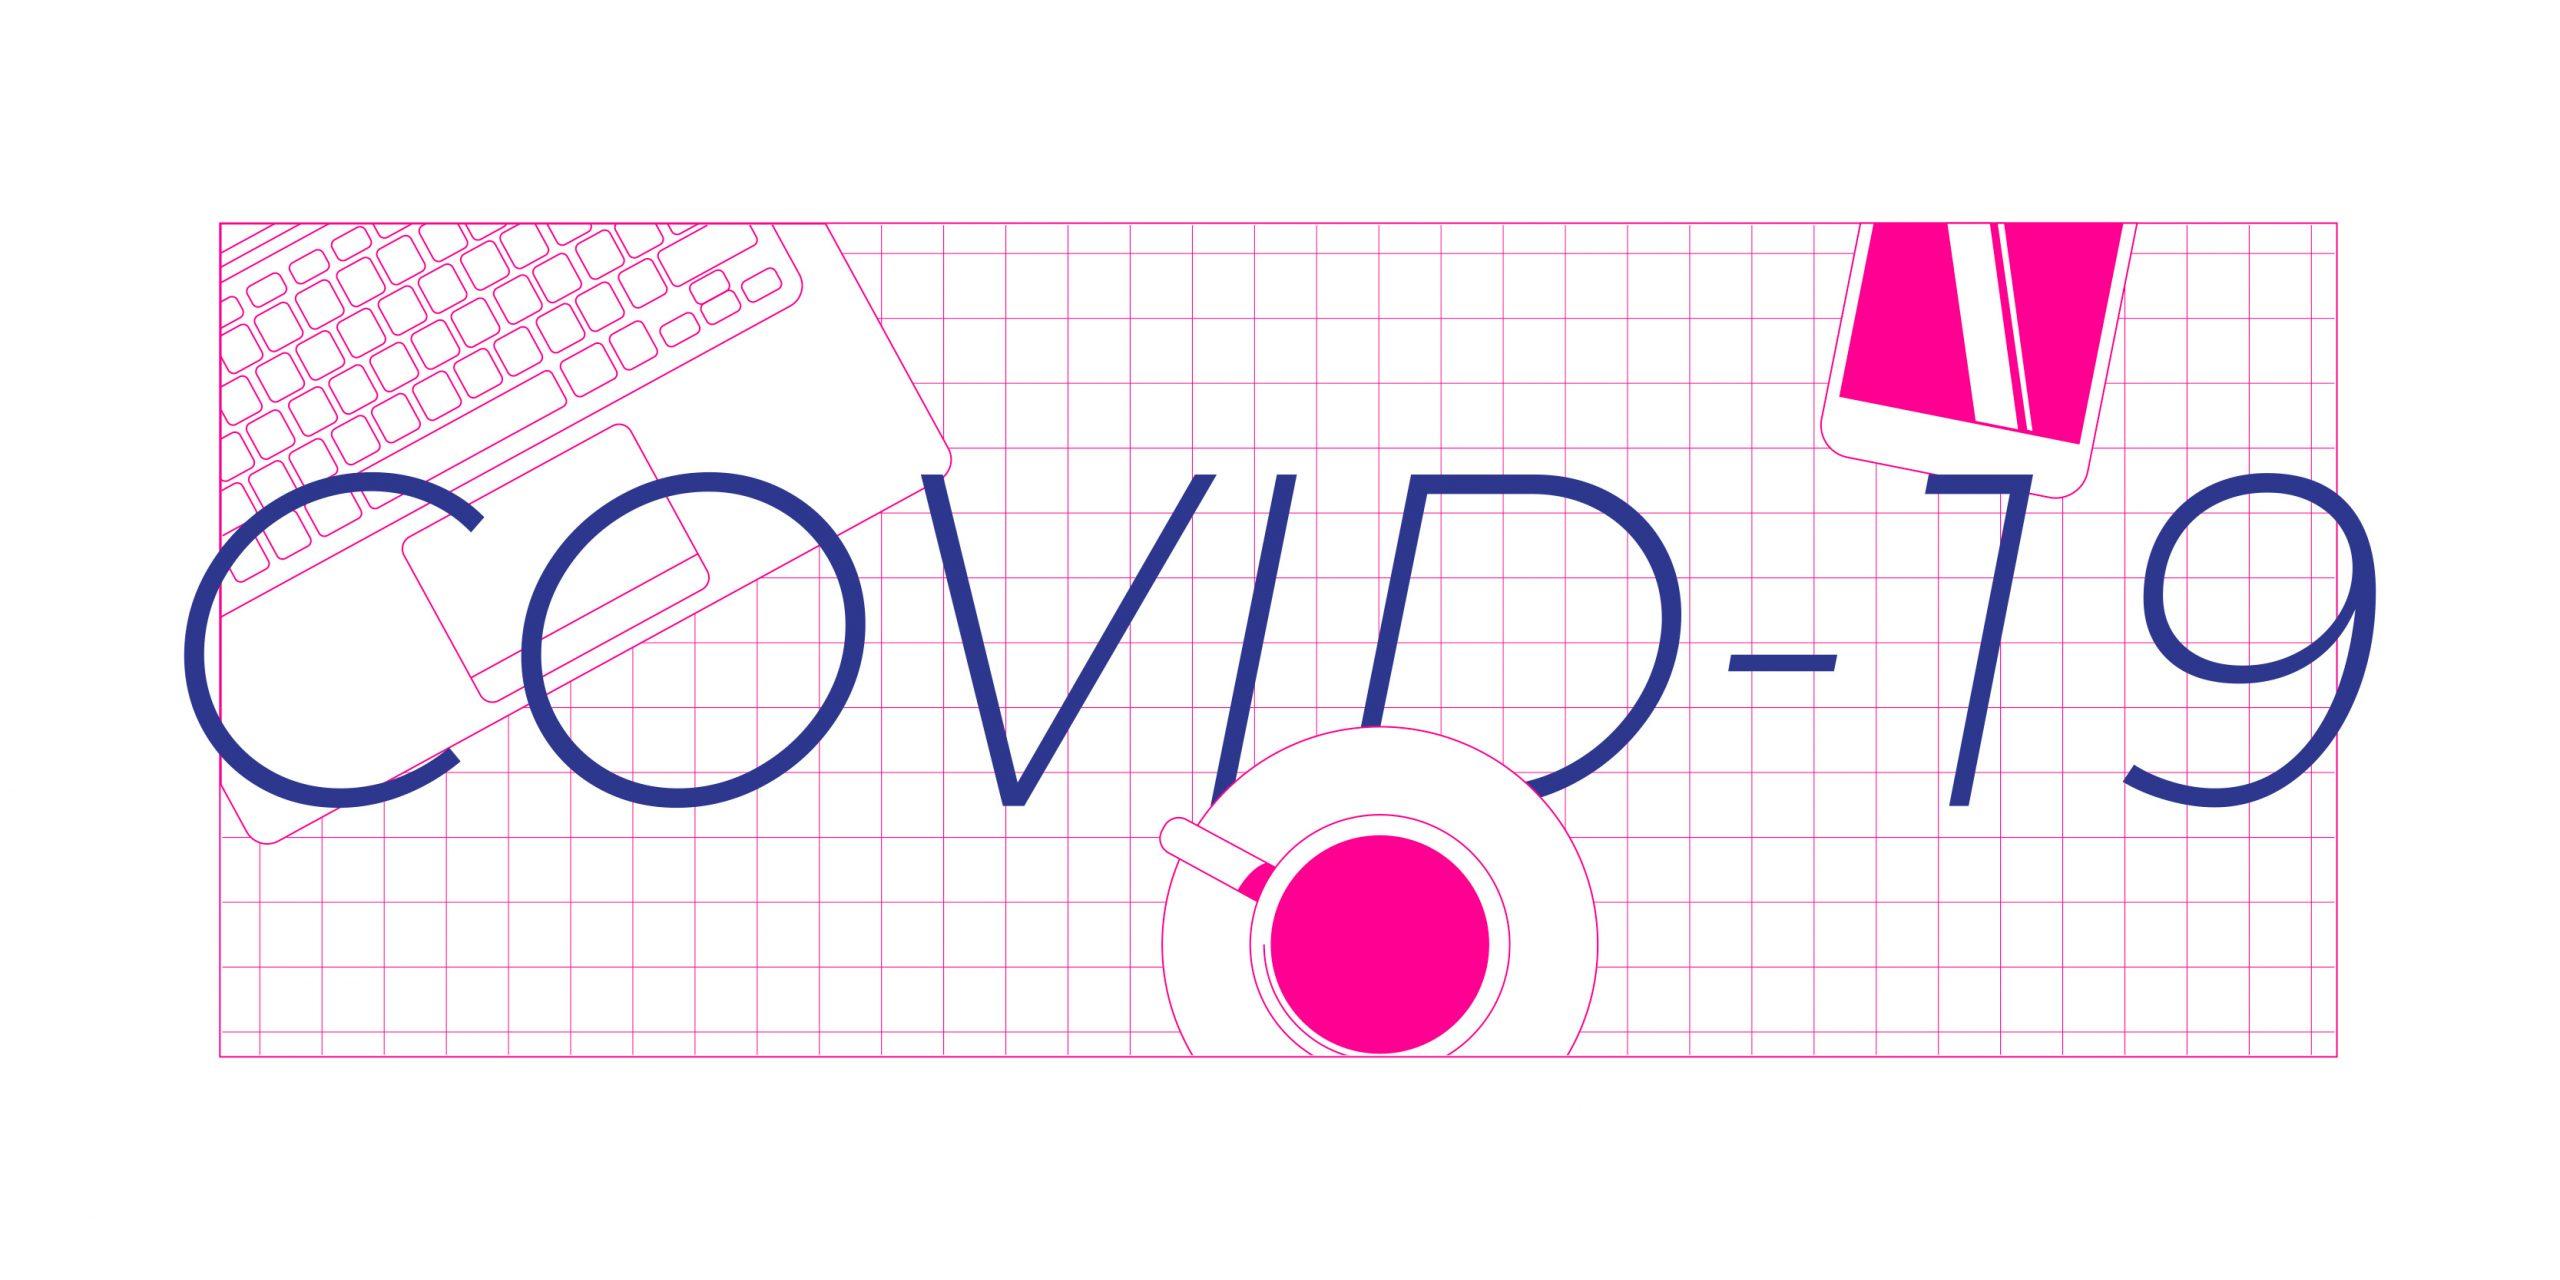 网路犯罪以及 COVID-19